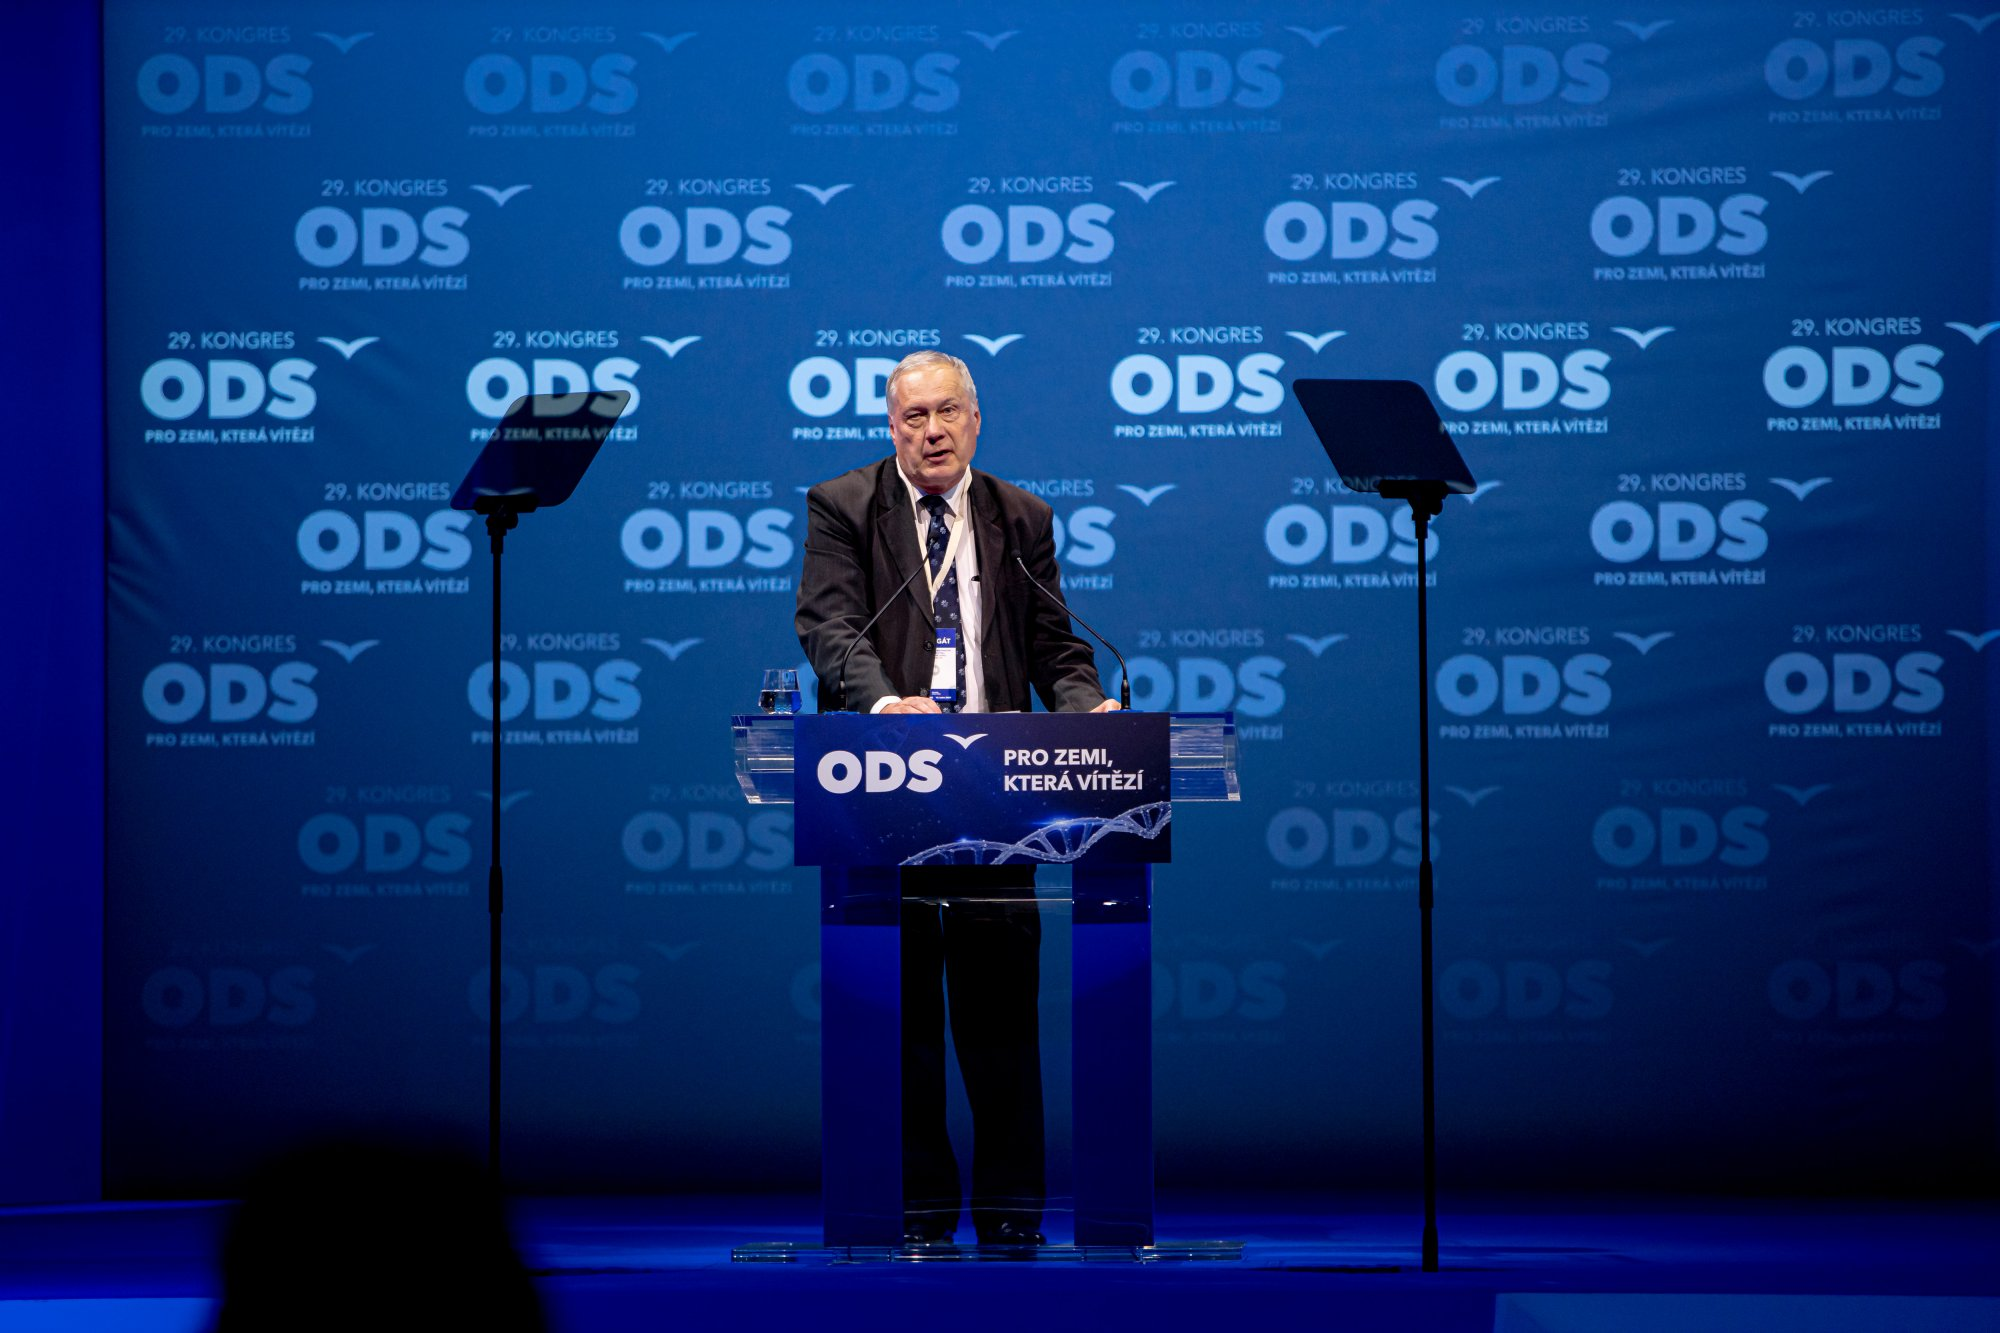 Projev v rámci politické diskuse 29. kongresu ODS